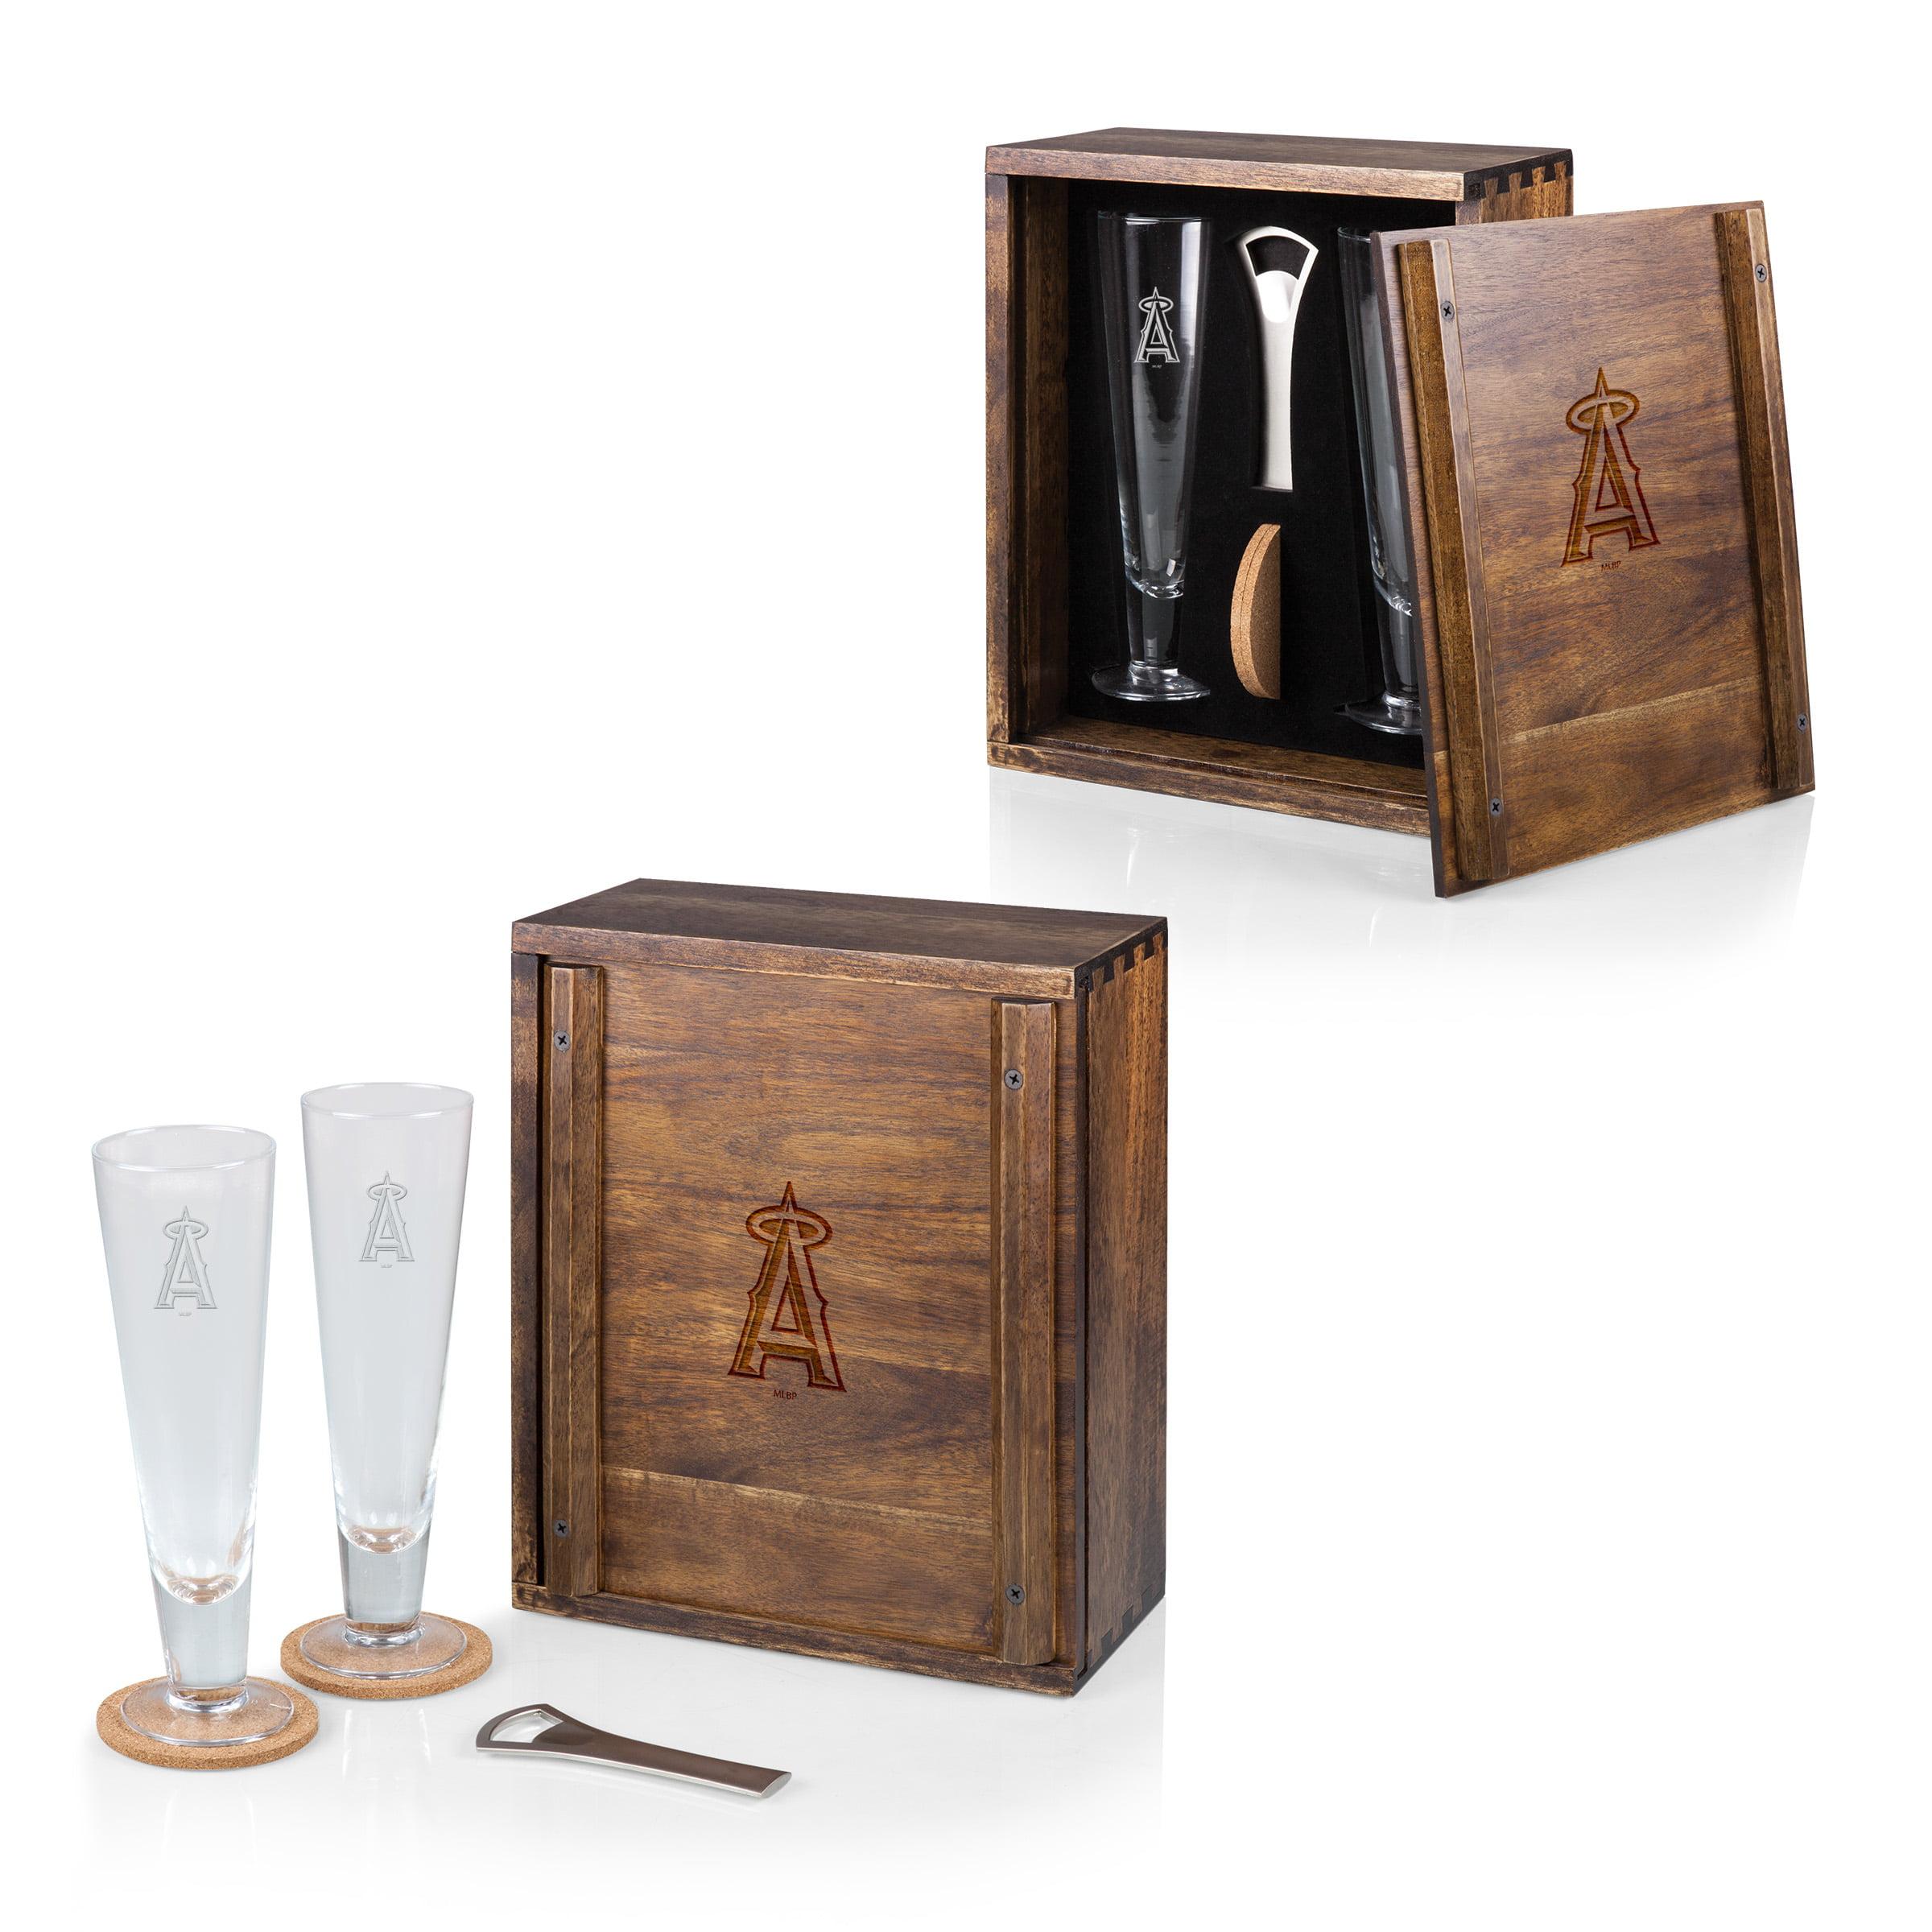 Los Angeles Angels Pilsner Beer Gift Set For 2 - Brown - No Size